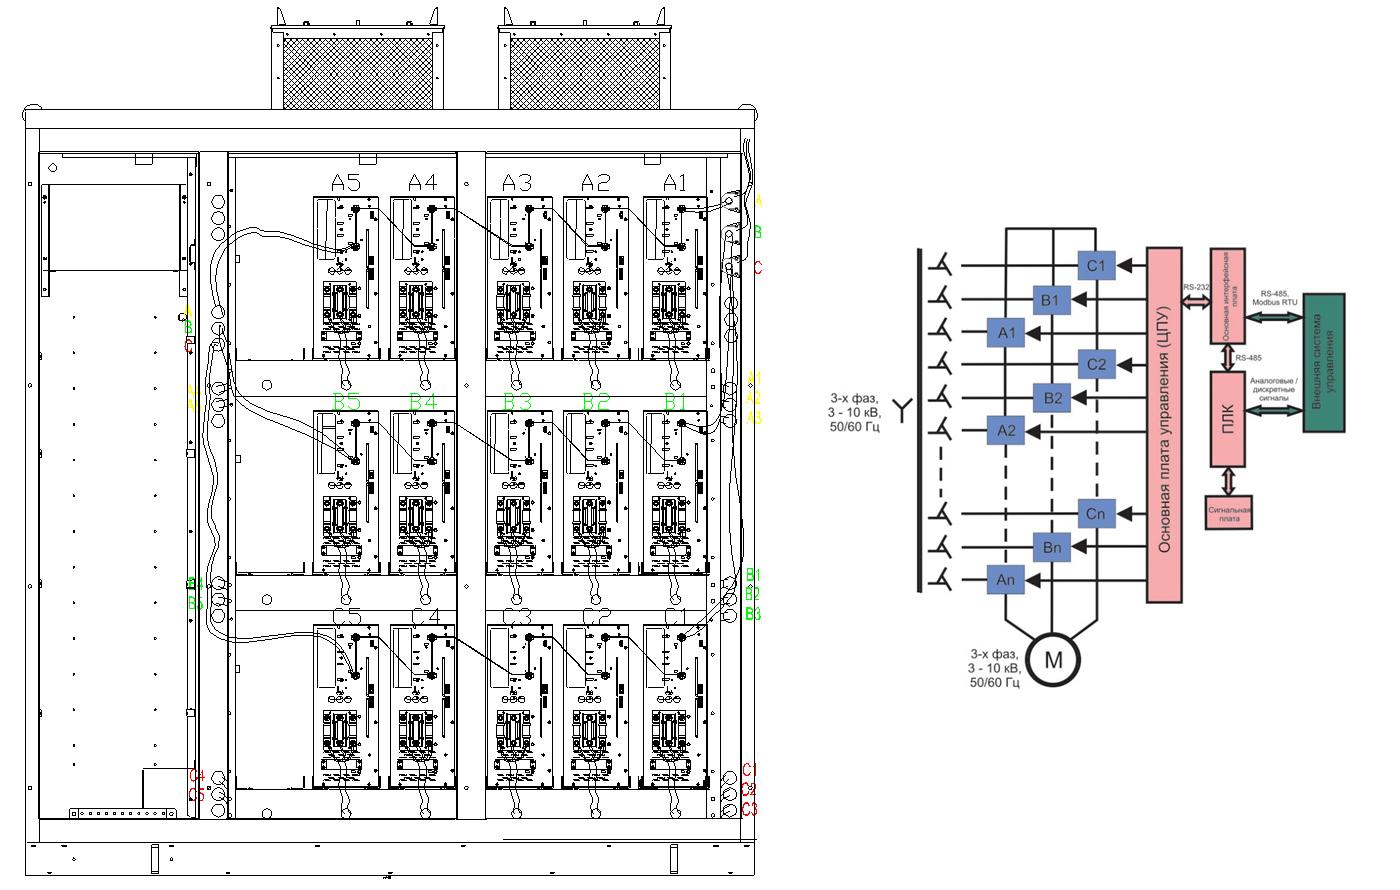 Схема частотного регулирования электроприводов